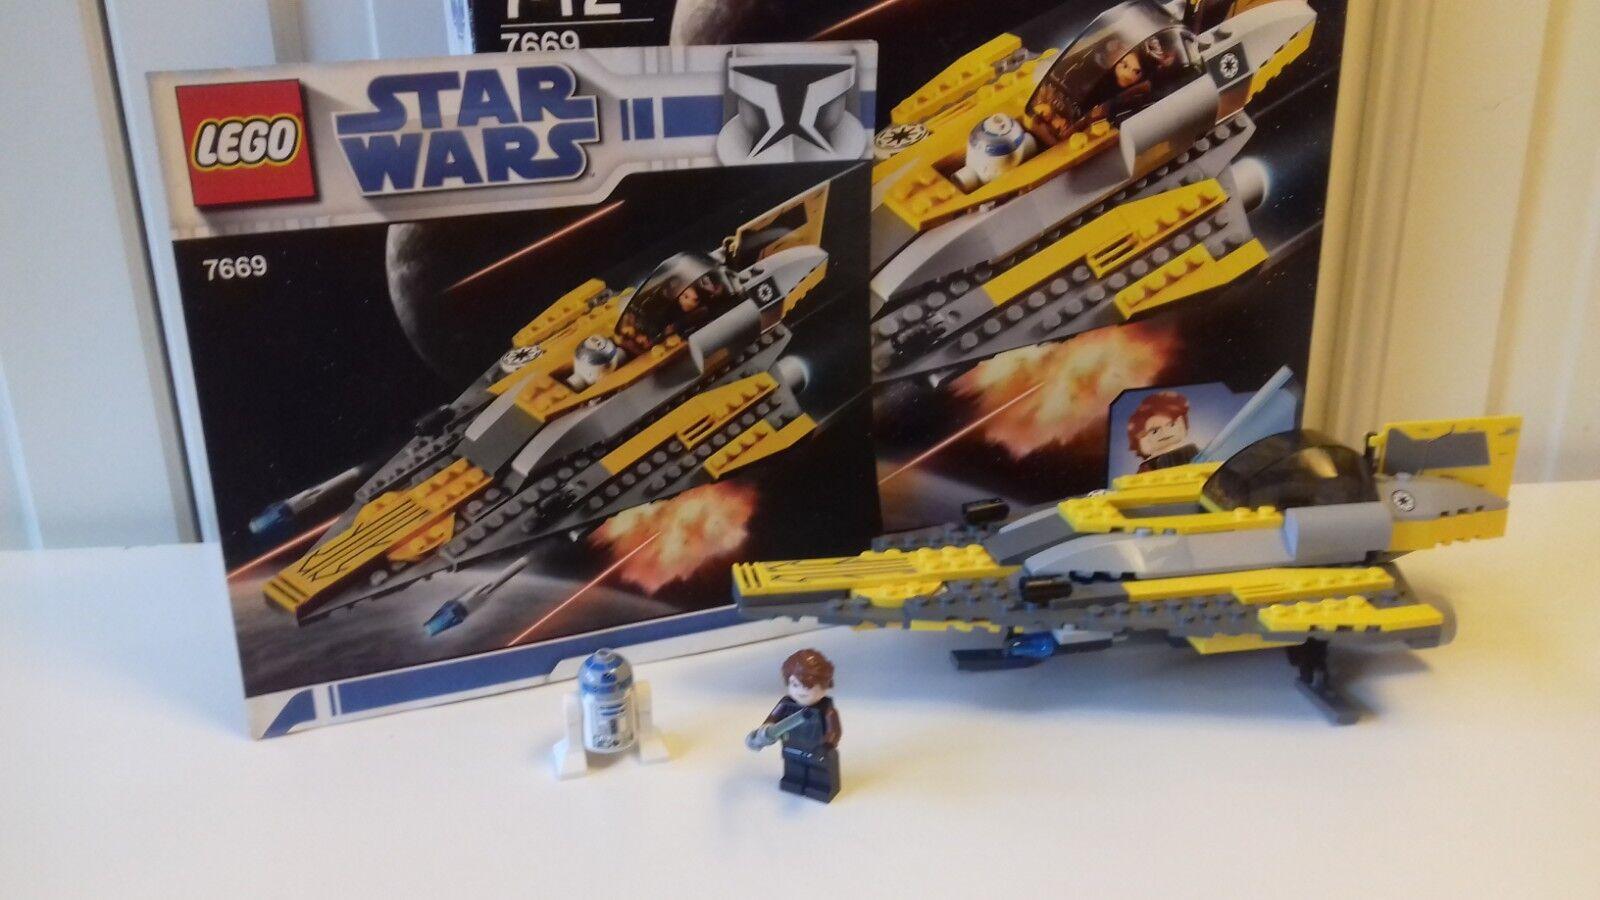 Lego® Star Wars 7669, Anakin's Jedi Starfighter.